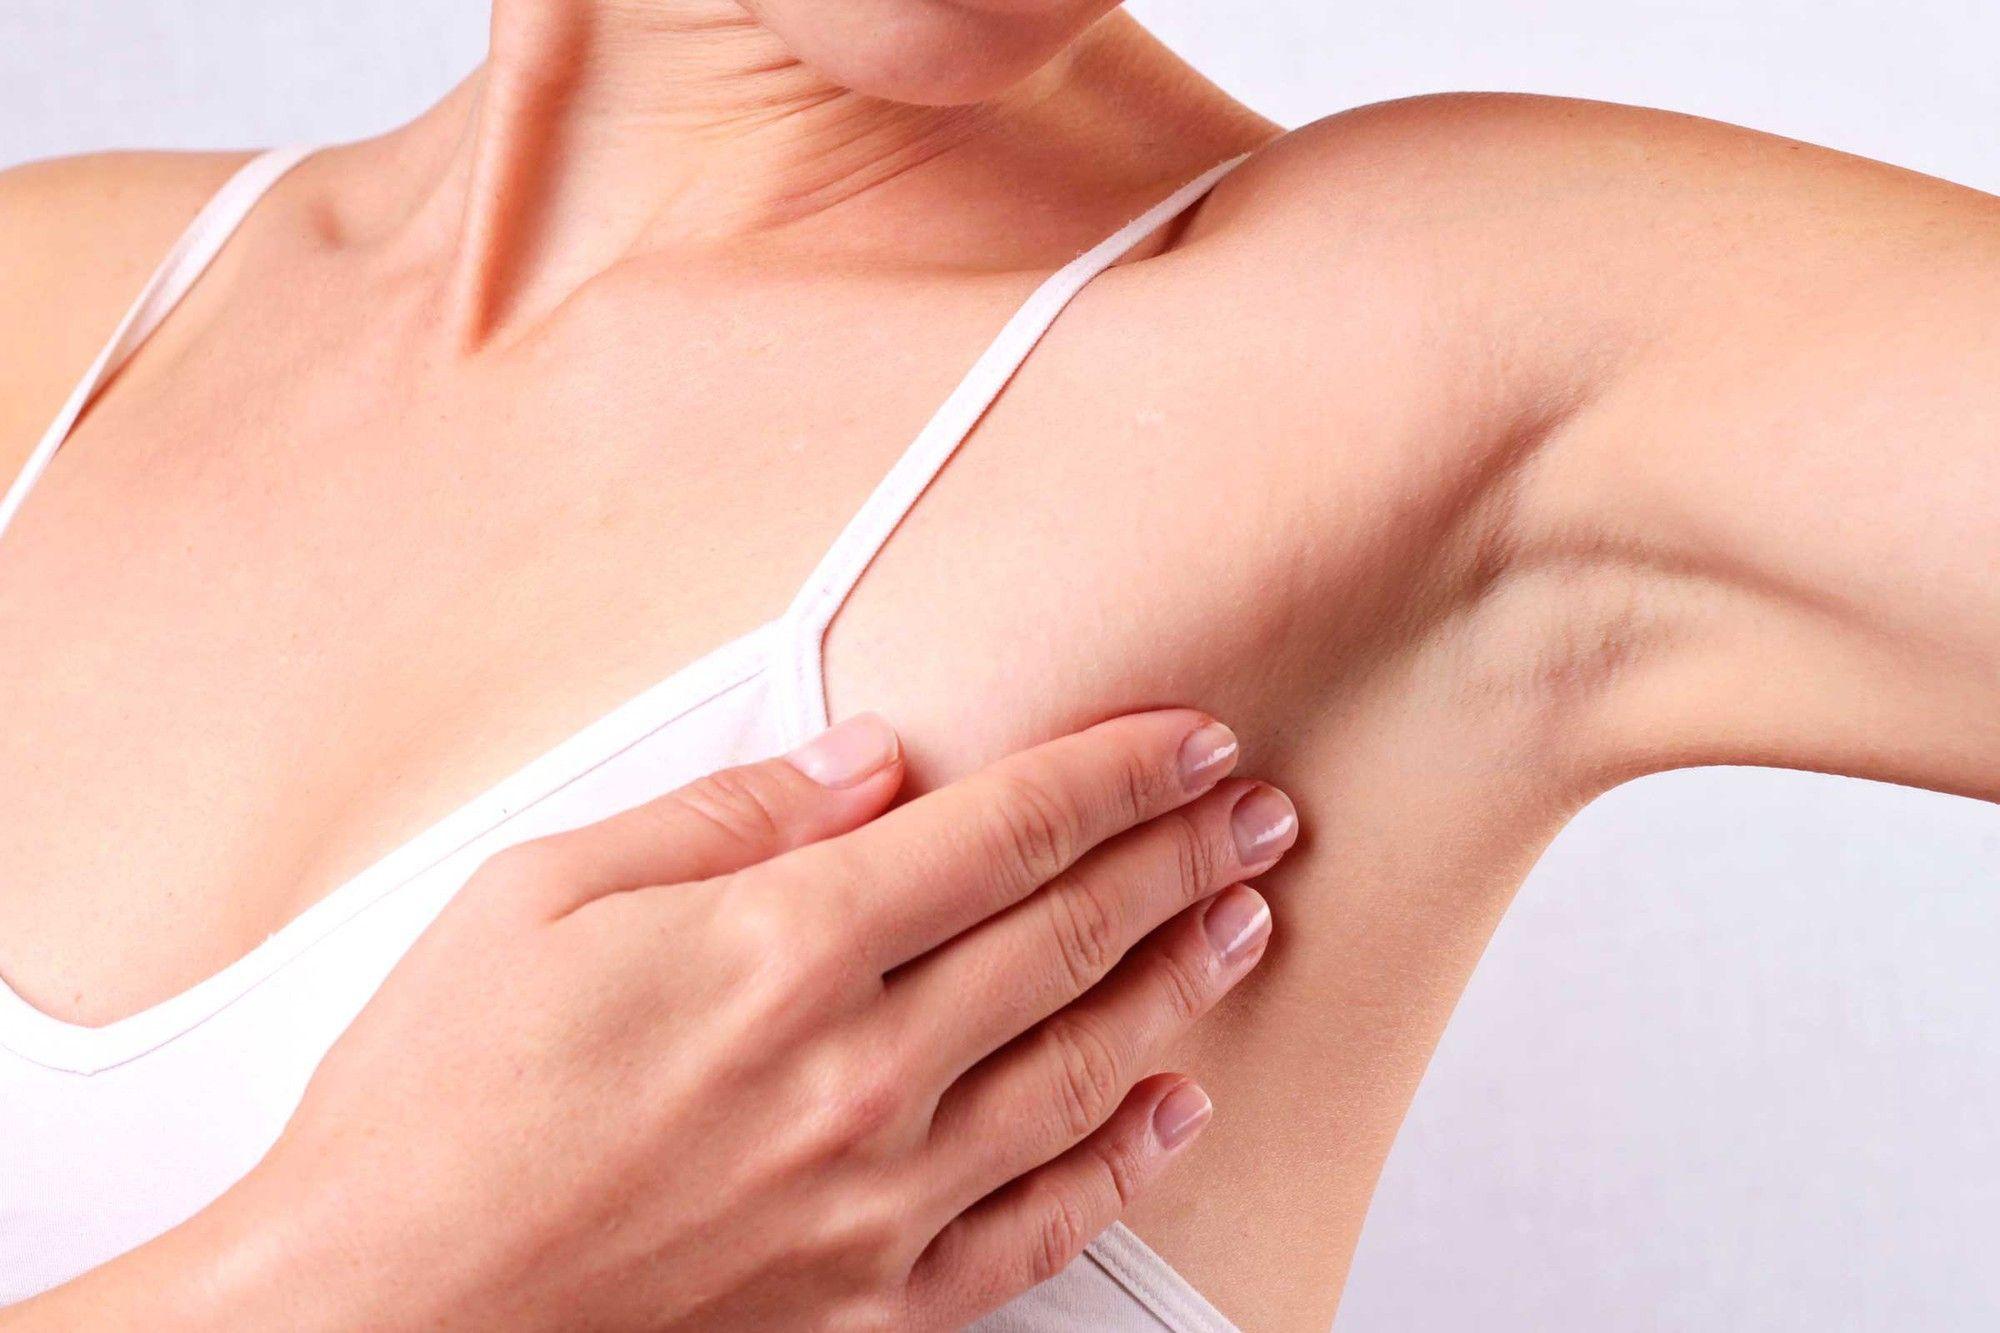 Ung thư vú là bệnh phổ biến ở nữ giới, đang ngày càng gia tăng và trẻ hóa